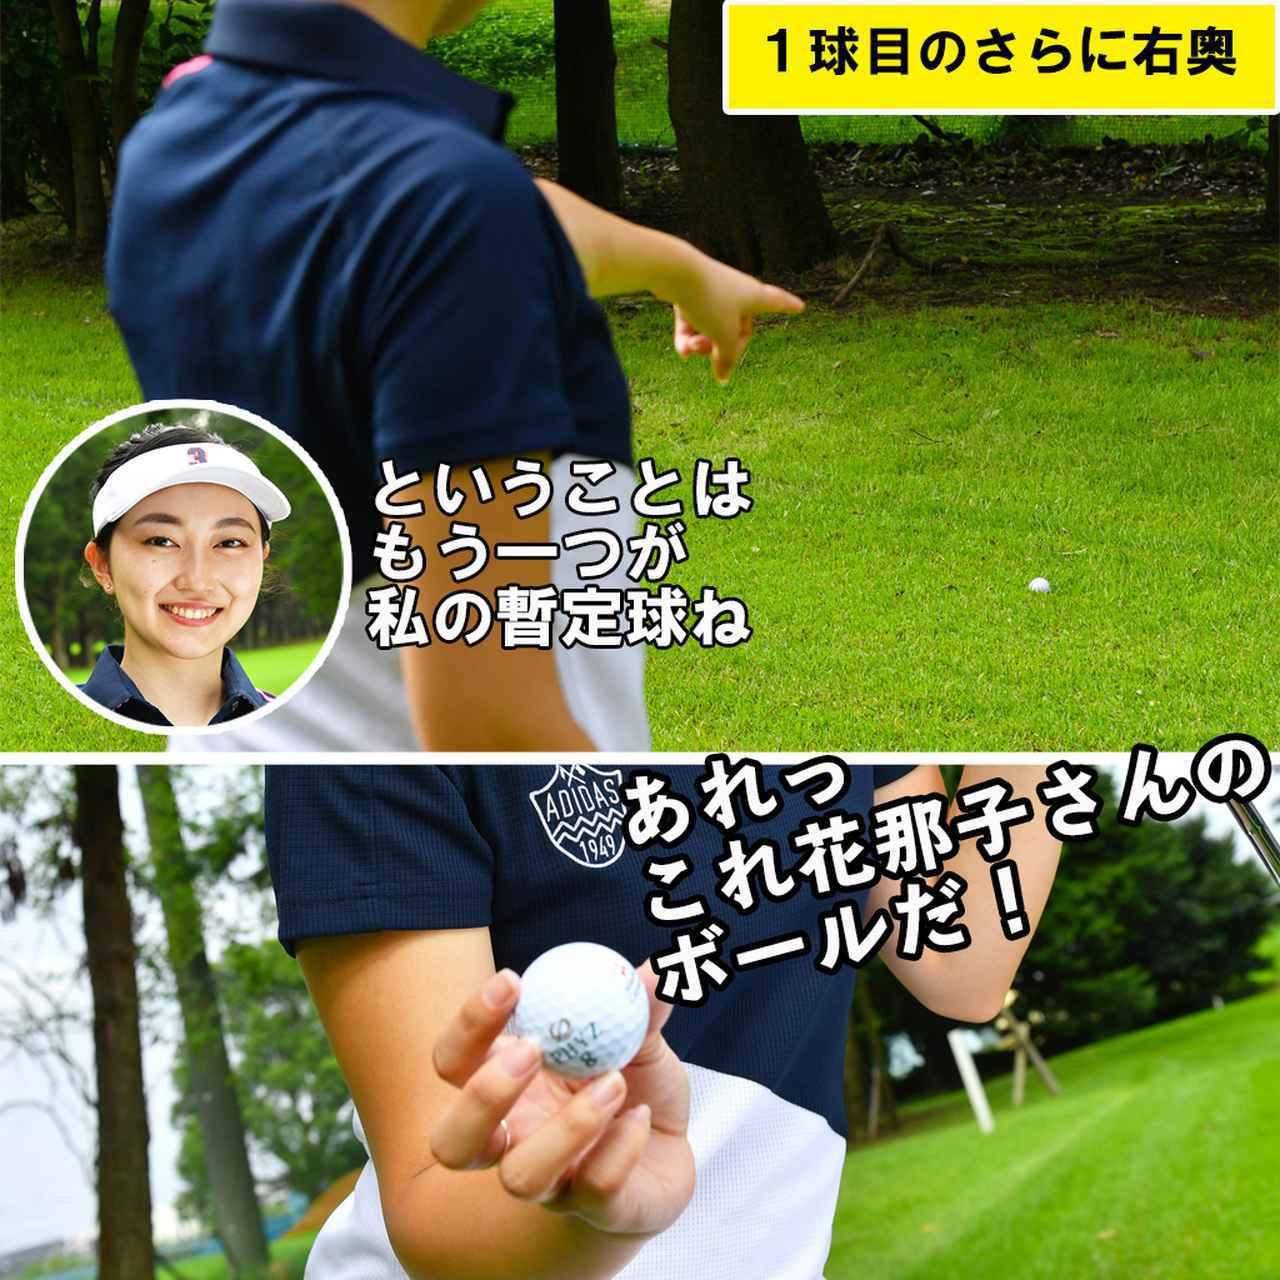 画像3: 【新ルール】同伴者の球を誤って拾い上げた。こんなときどうする?